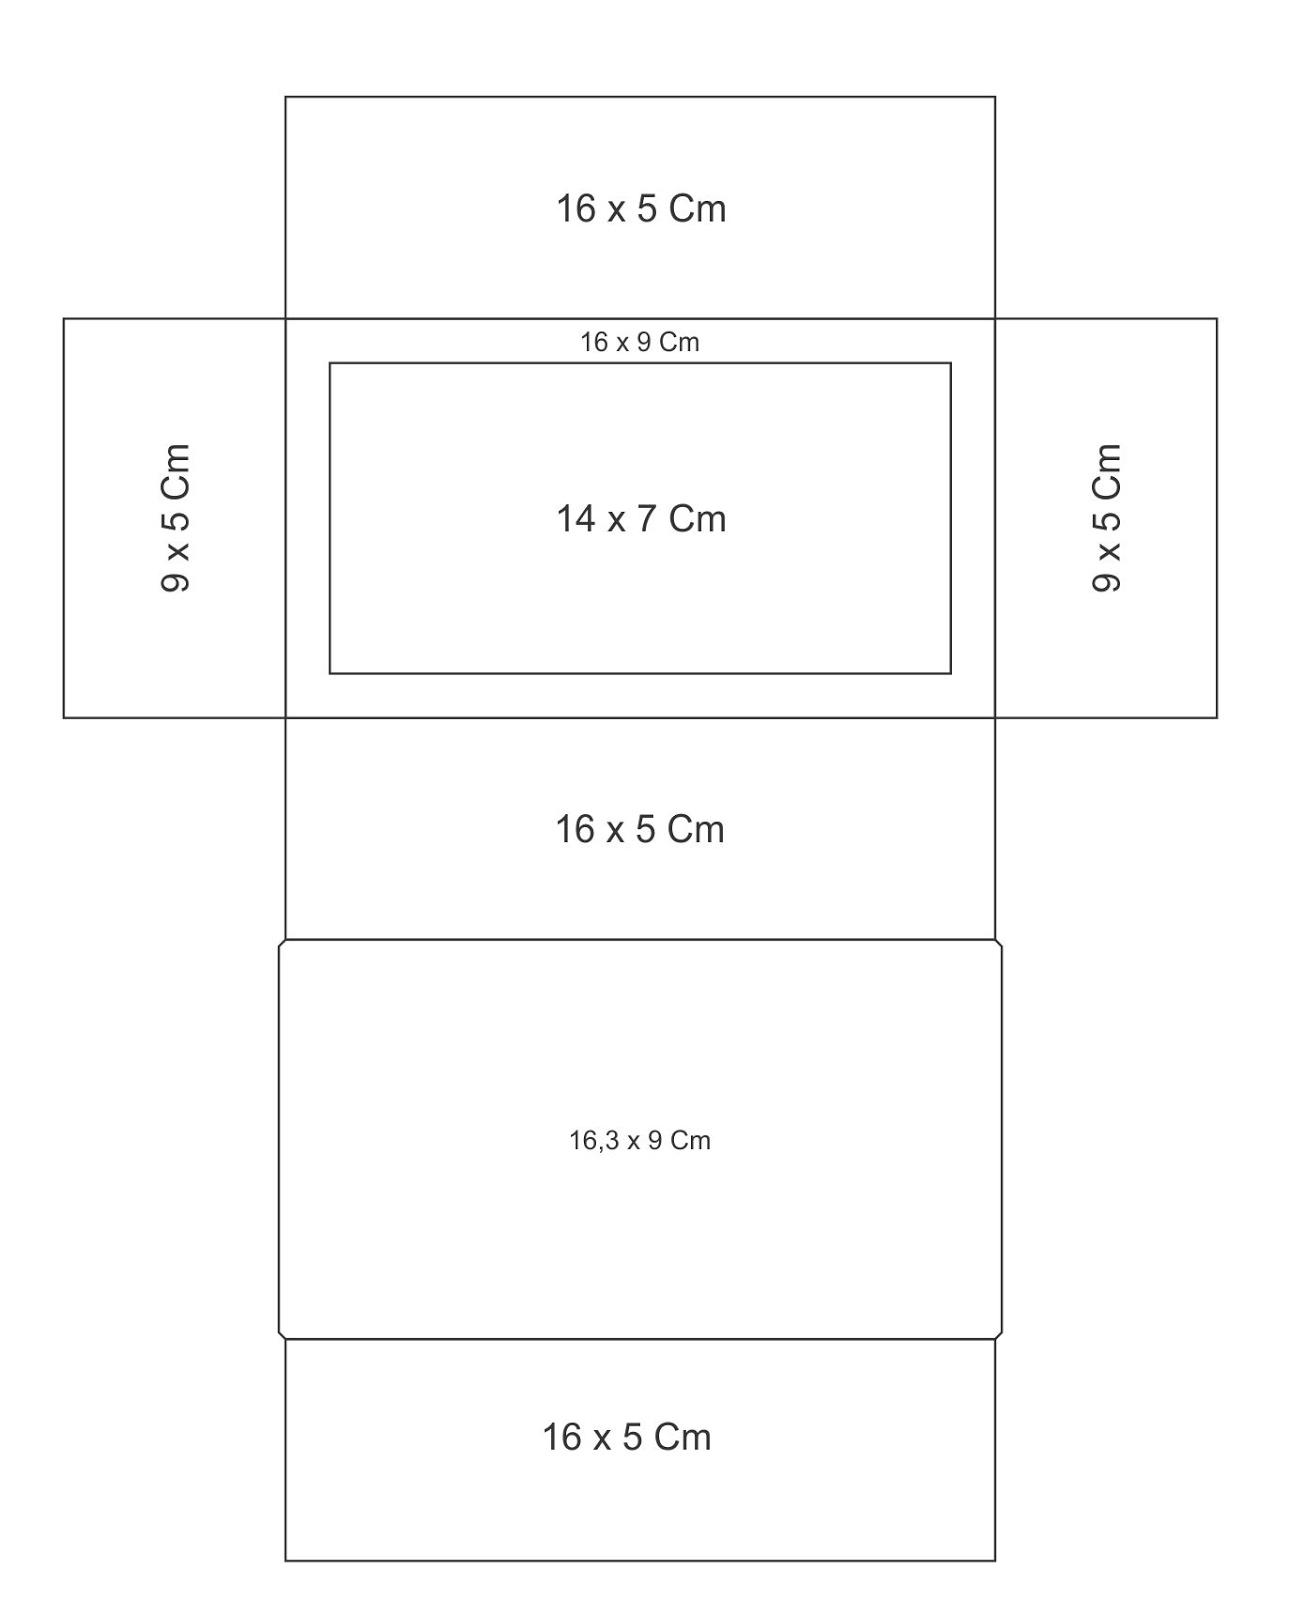 Cara Membuat Kotak Kemasan : membuat, kotak, kemasan, Desain, Kemasan, Makanan, Simple, Tanpa, TUTORiduan.com